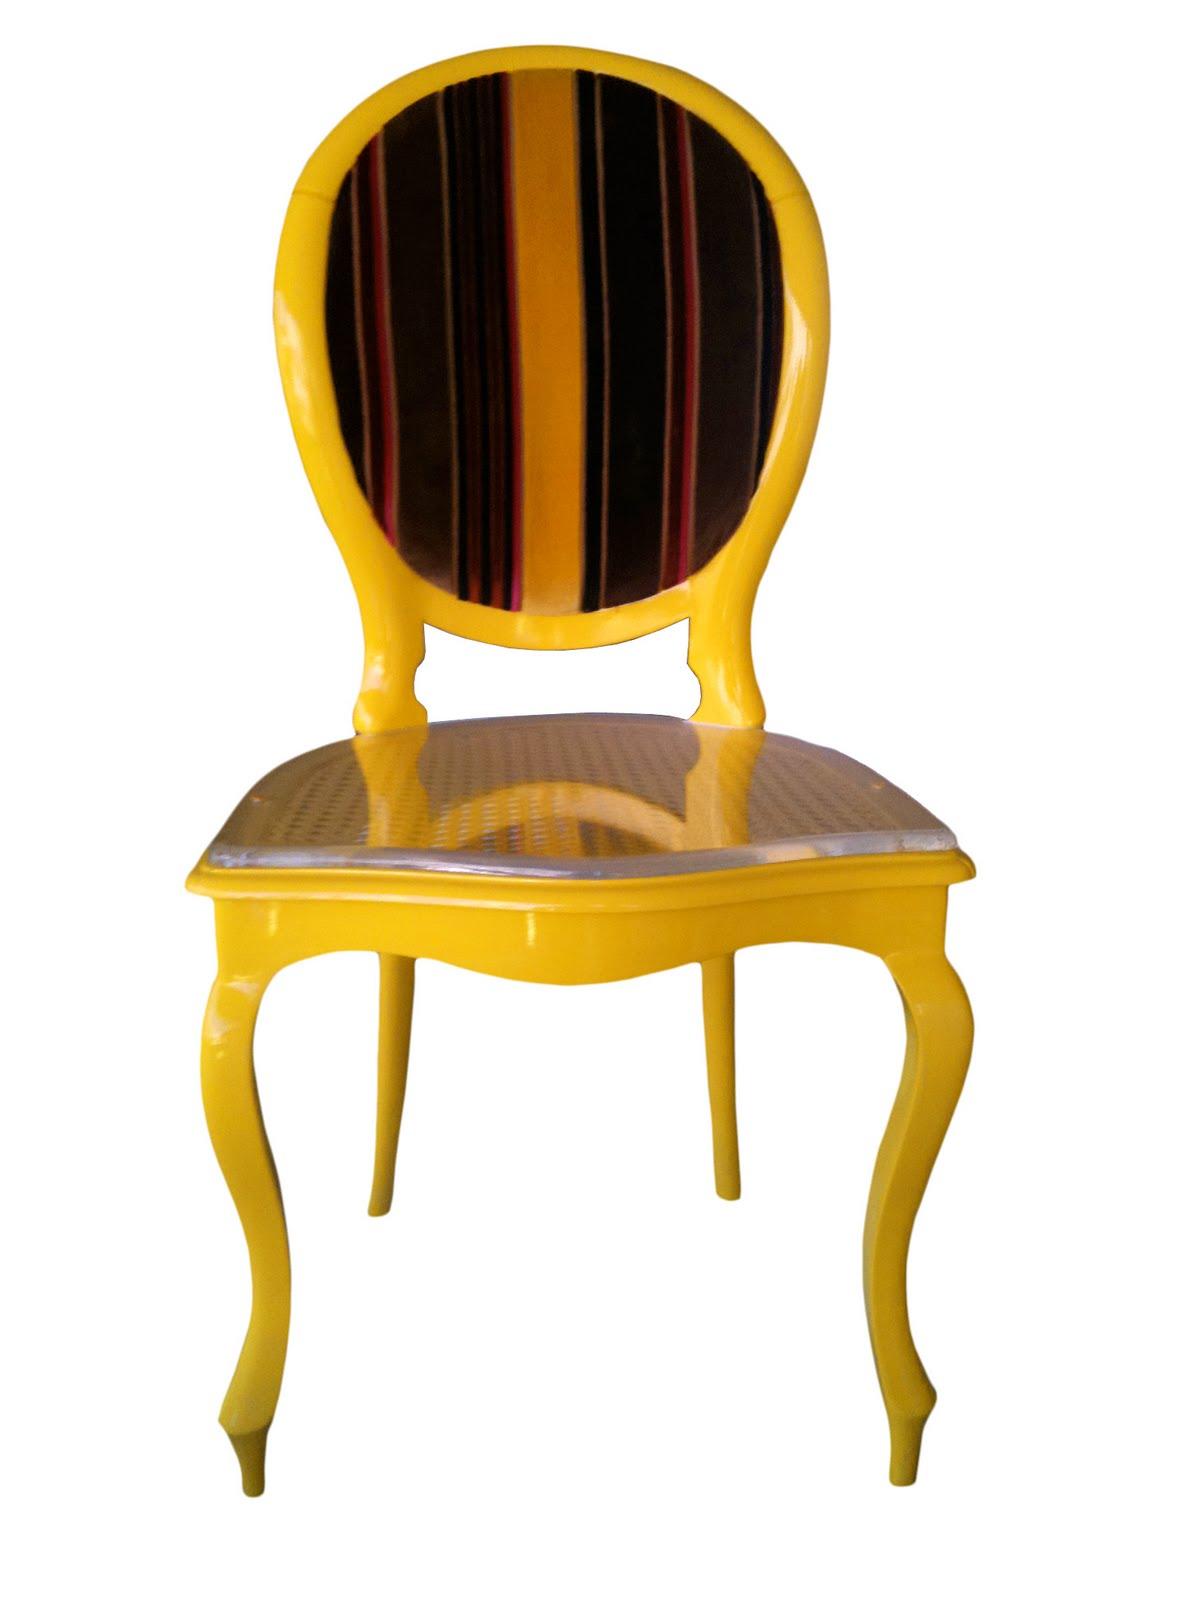 Sua Casa Seu Espelho: Cadeira Medalhão uma paixão antiga #BE930D 1200x1600